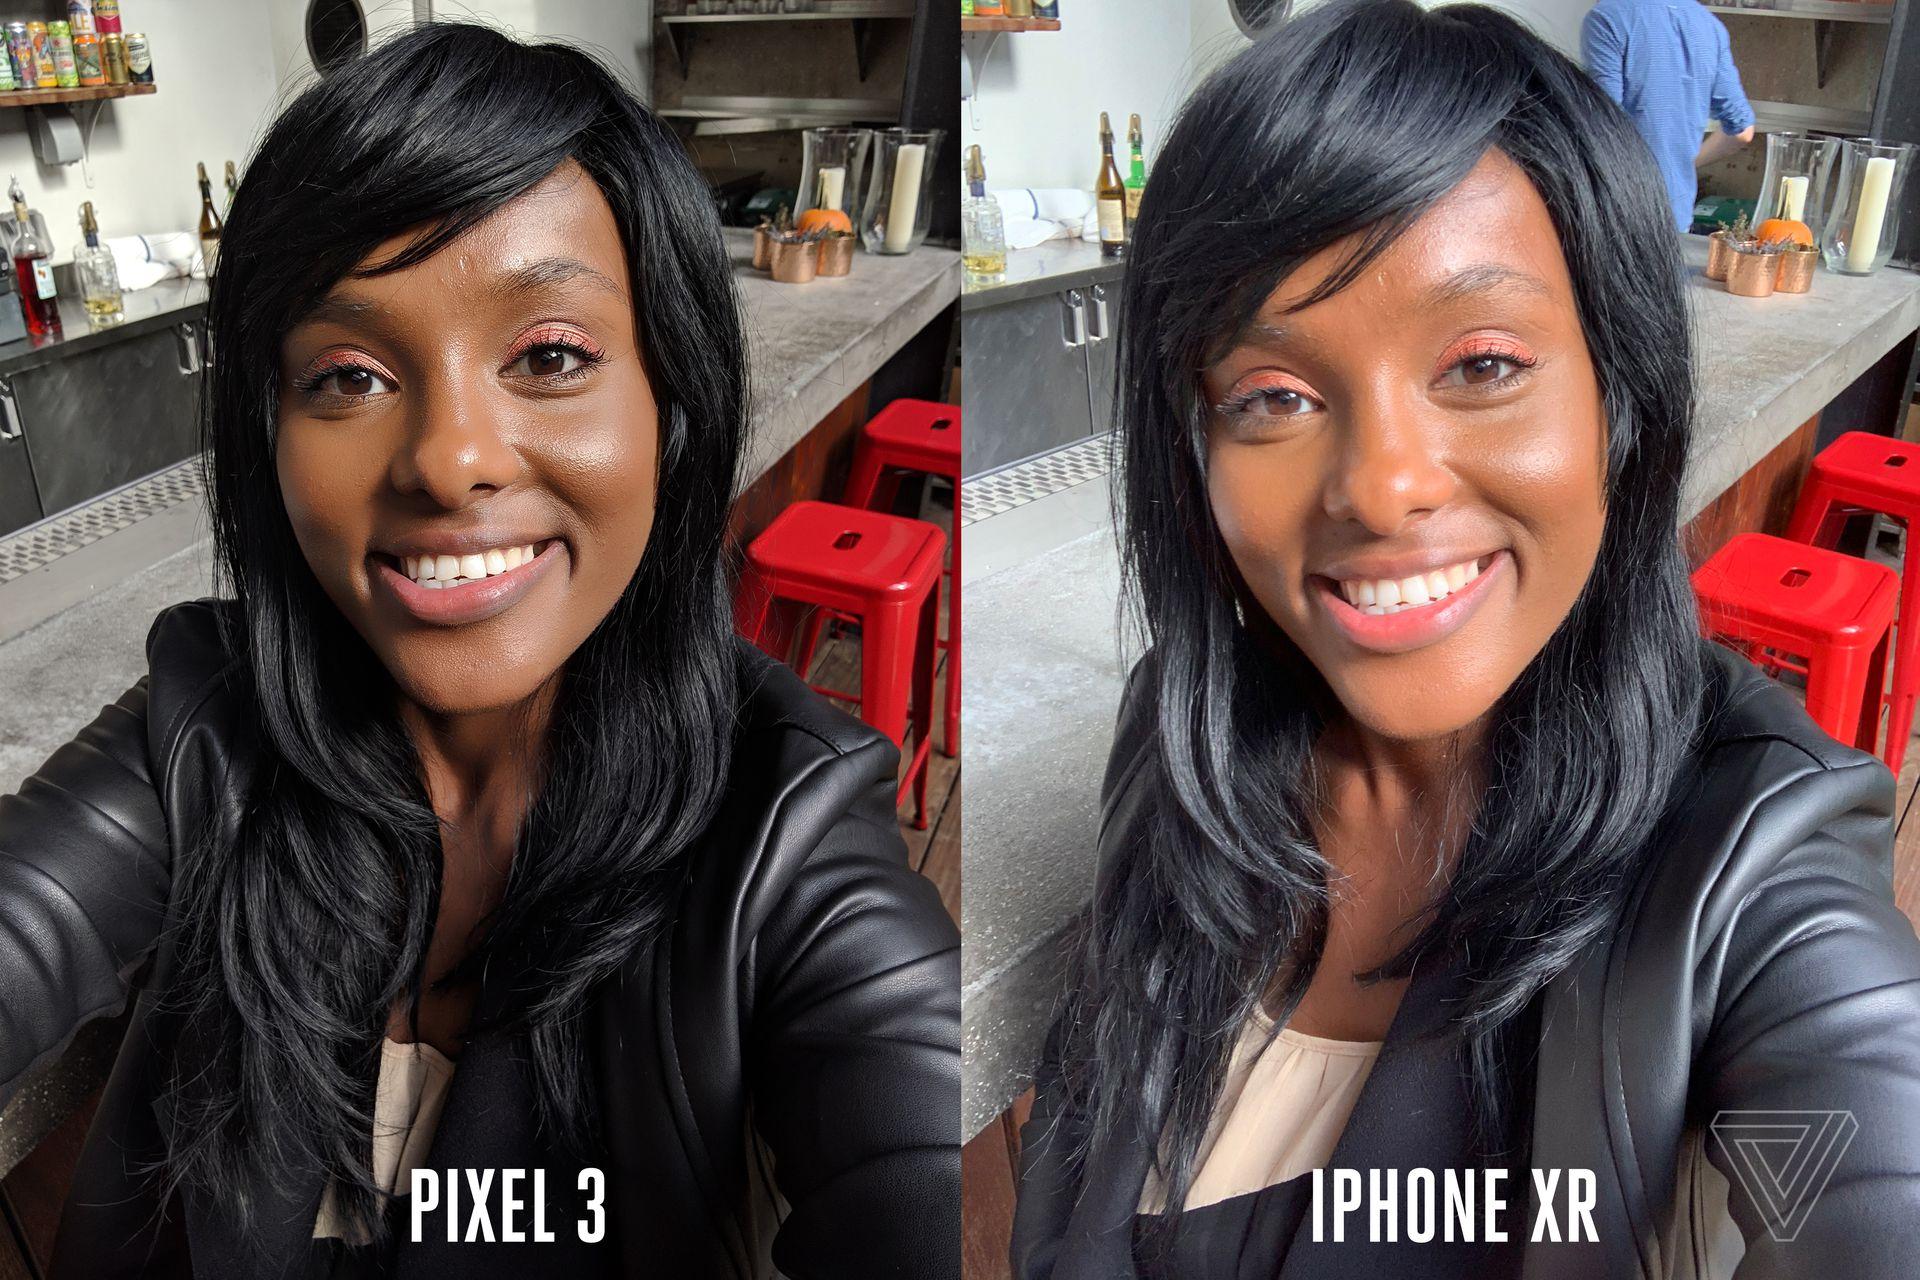 Comparação - Pixel 3 e iPhone XR